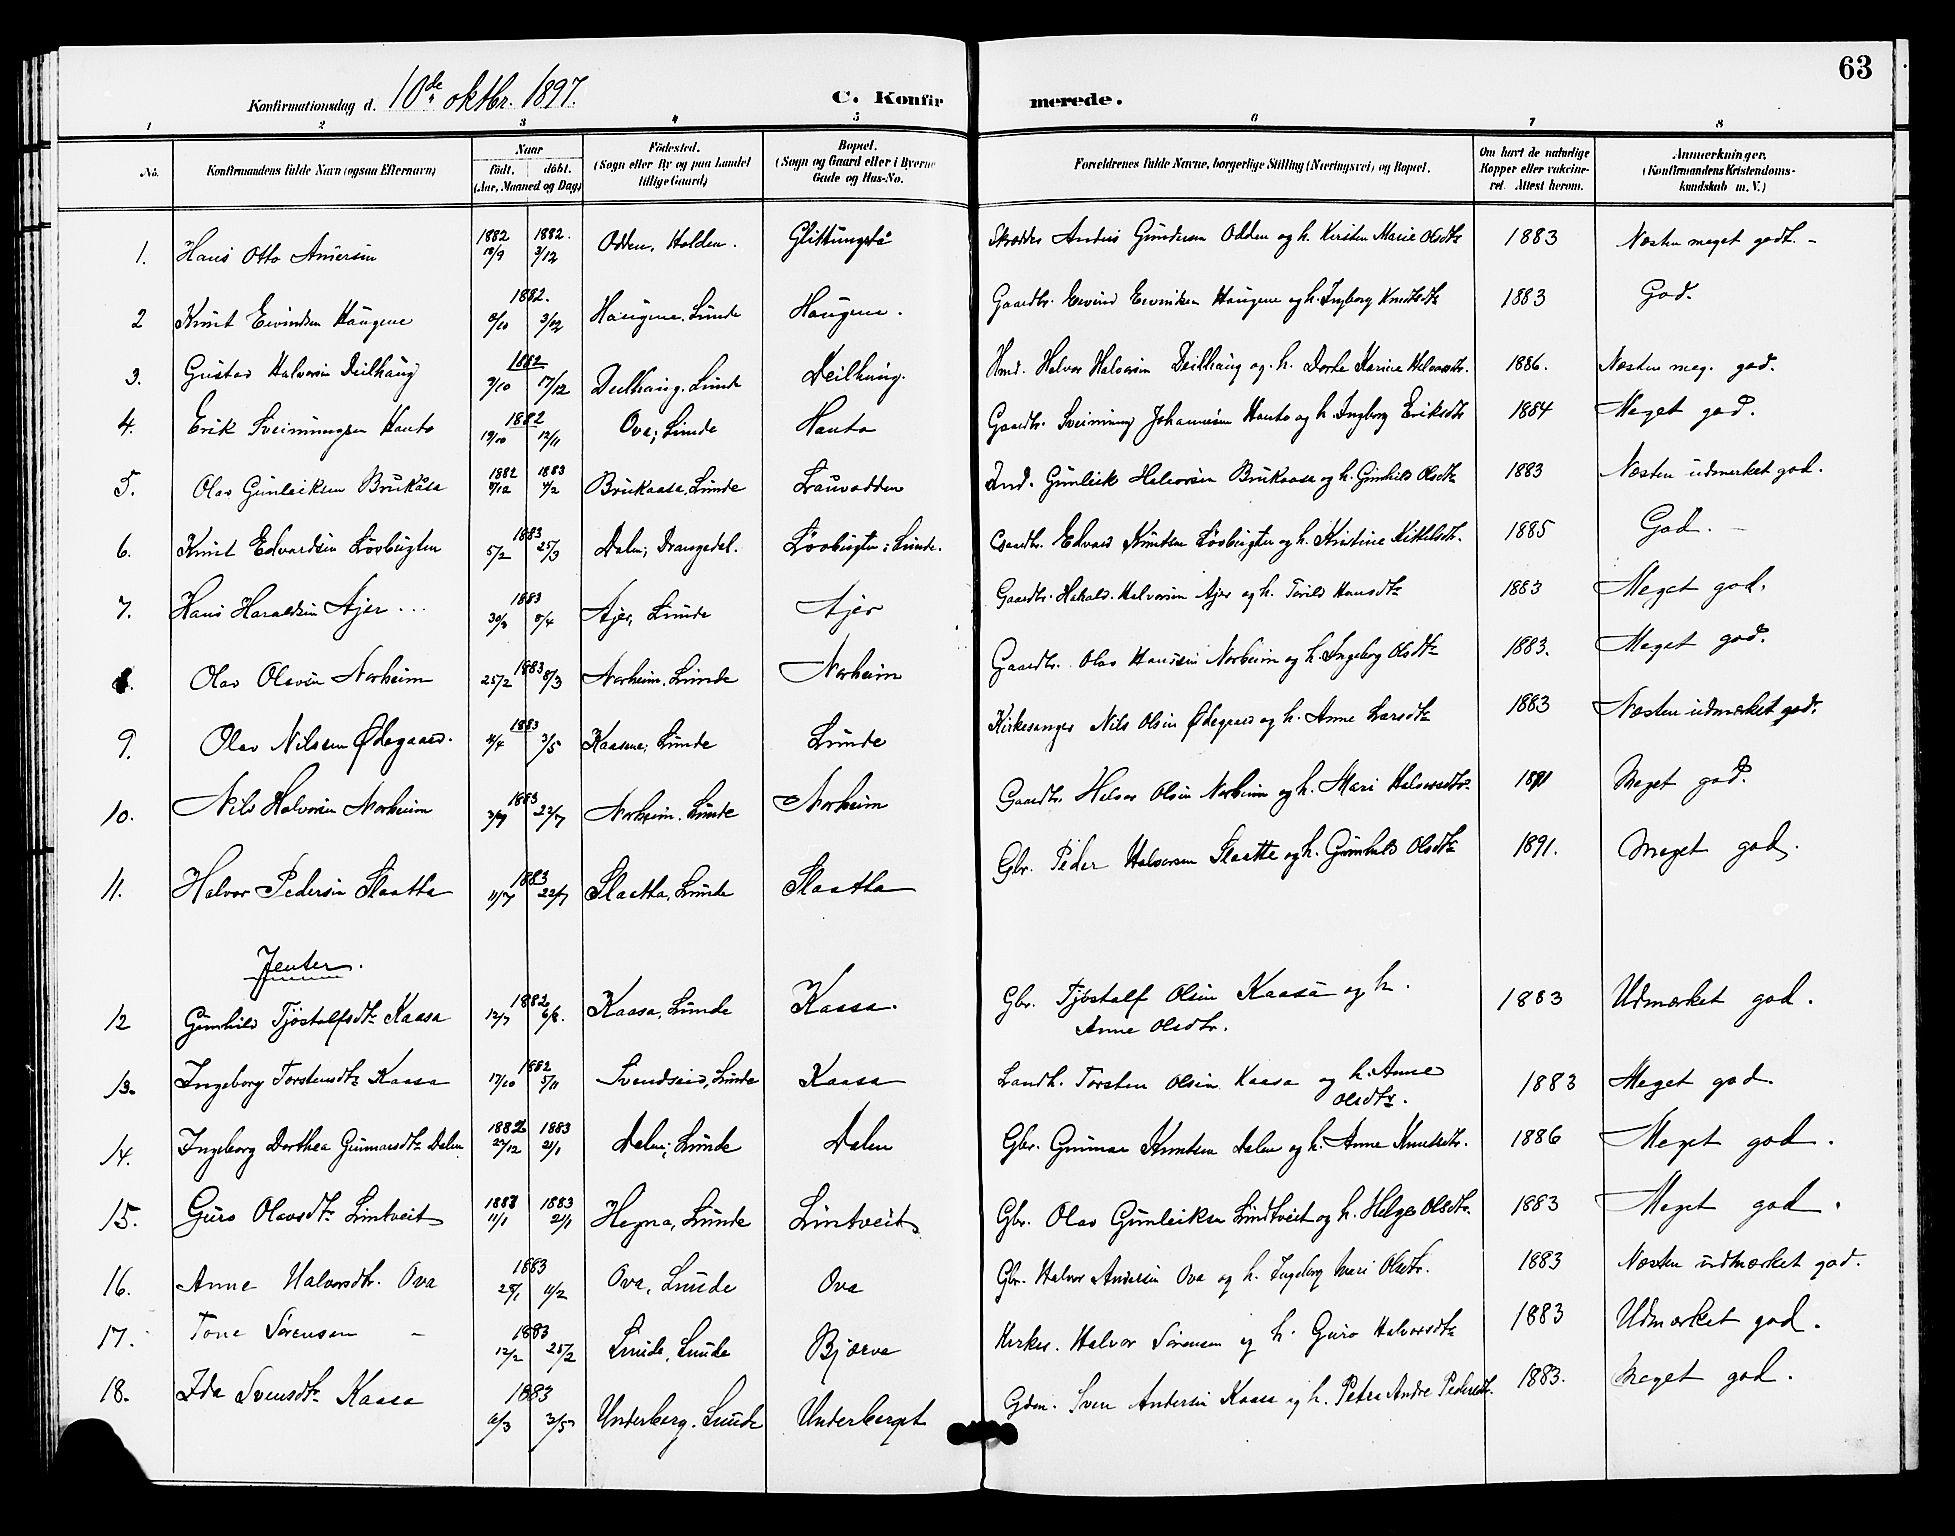 SAKO, Lunde kirkebøker, G/Ga/L0003: Klokkerbok nr. I 3, 1896-1905, s. 63